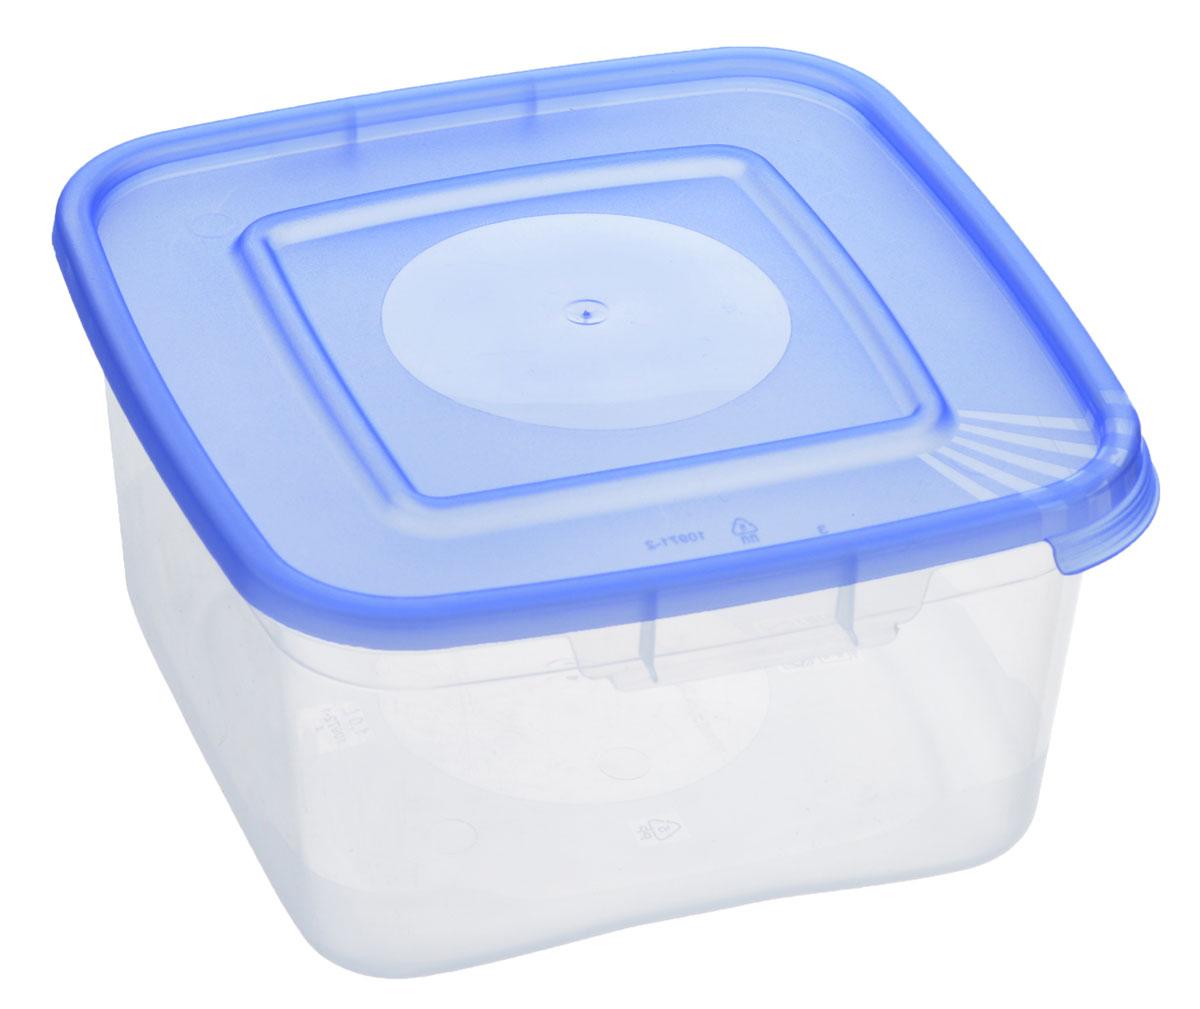 Контейнер Полимербыт Каскад, цвет: прозрачный, голубой, 1 л4630003364517Контейнер Полимербыт Каскад квадратной формы, изготовленный из прочного пластика, предназначен специально для хранения пищевых продуктов. Крышка легко открывается и плотно закрывается.Контейнер устойчив к воздействию масел и жиров, легко моется. Прозрачные стенки позволяют видеть содержимое. Контейнер имеет возможность хранения продуктов глубокой заморозки, обладает высокой прочностью. Можно мыть в посудомоечной машине. Подходит для использования в микроволновых печах.